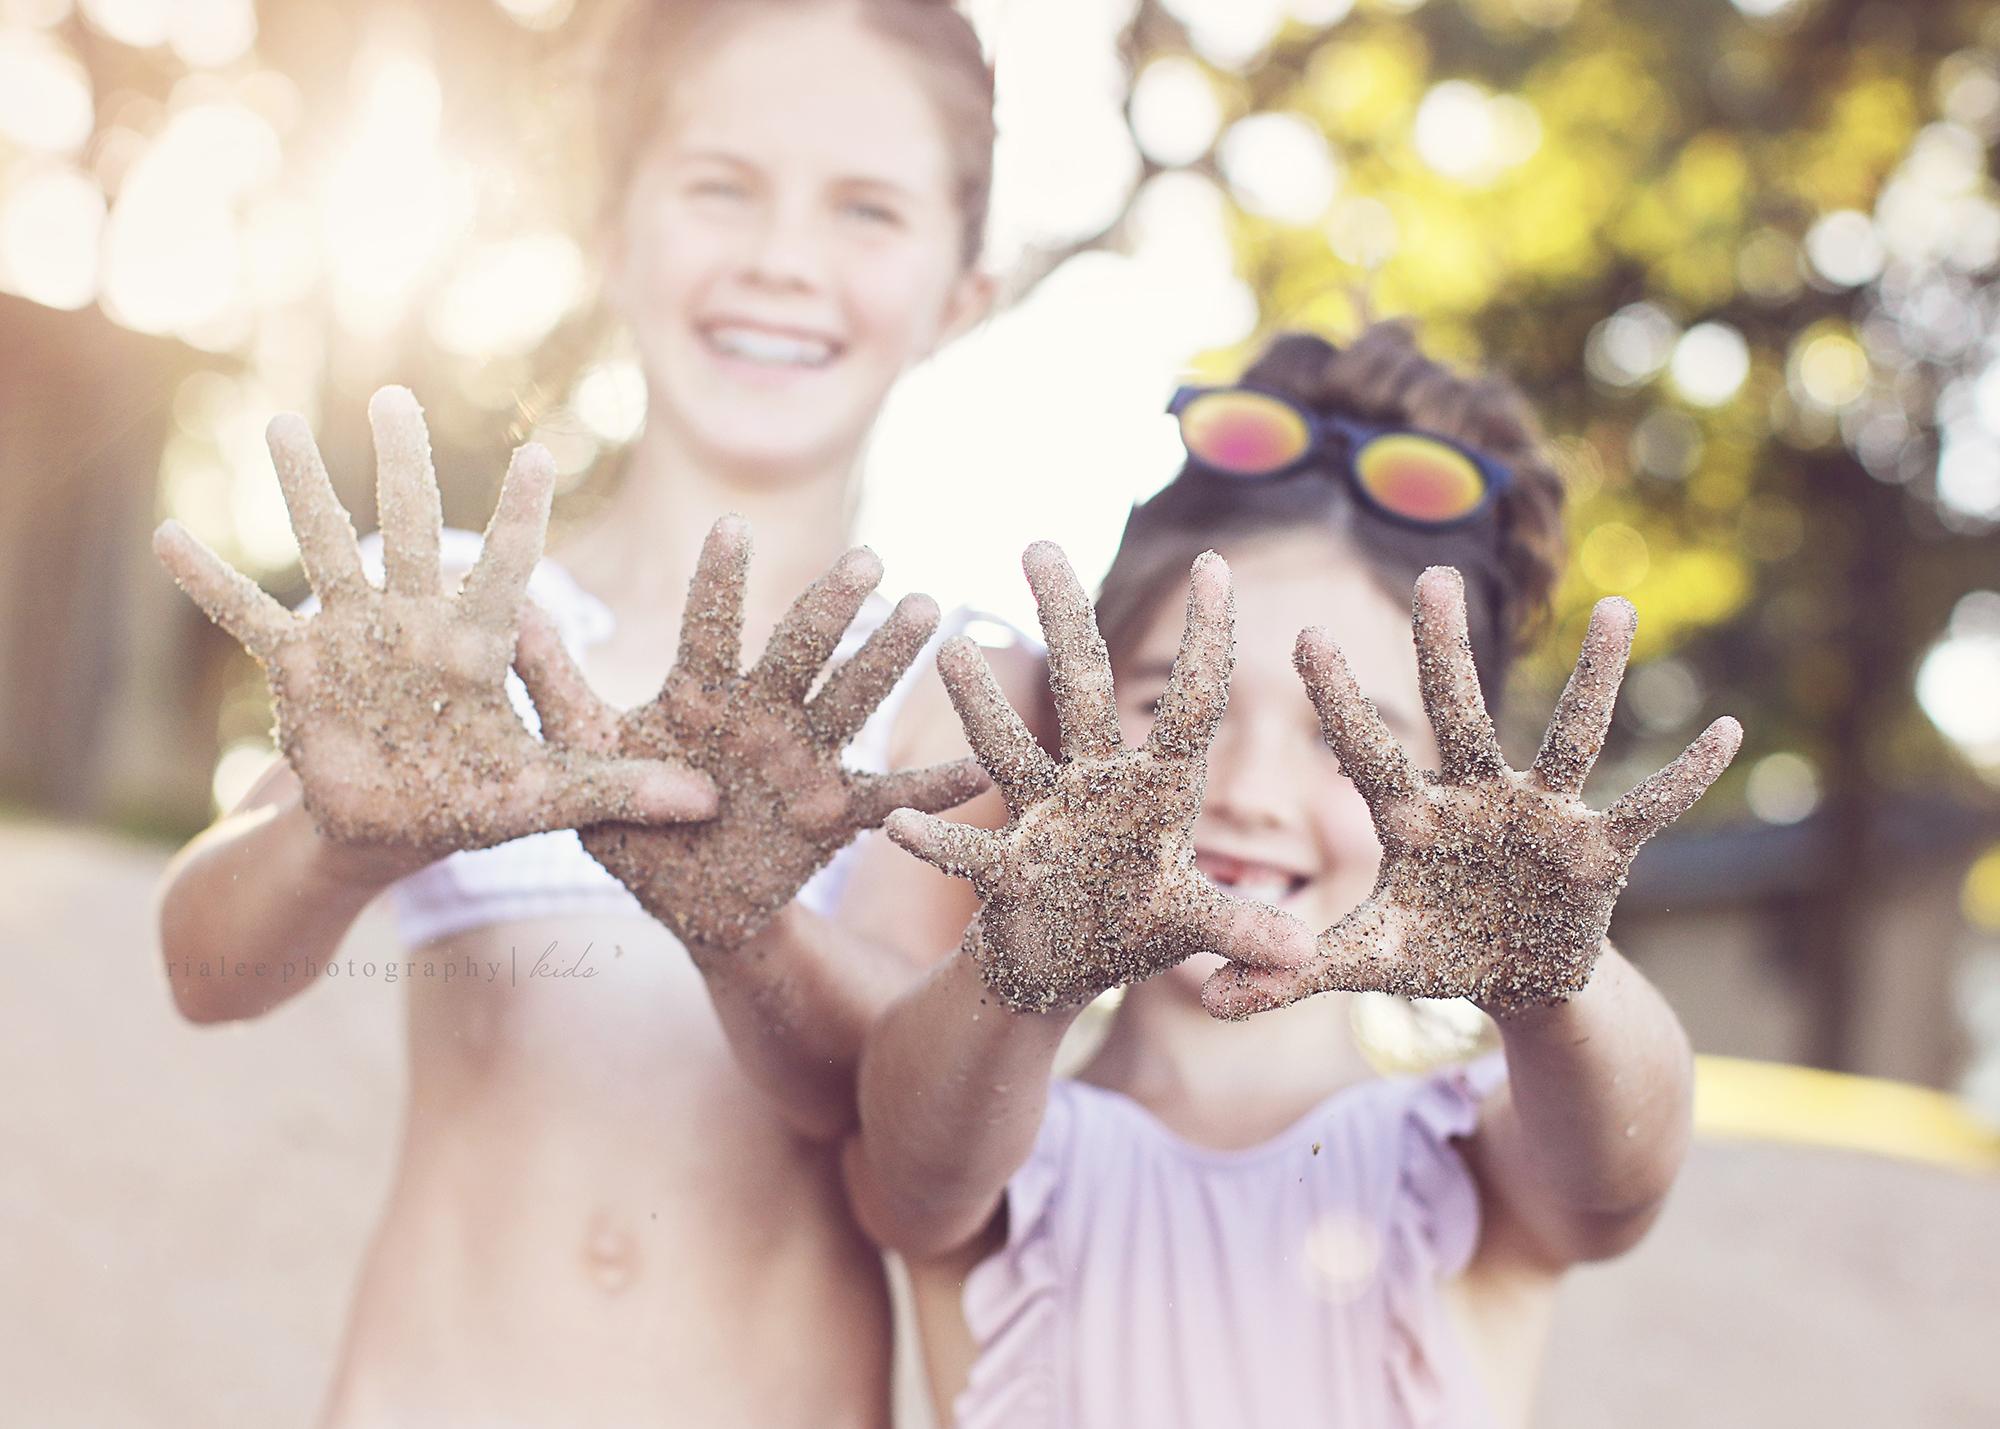 kidsphotosatthelake.jpg